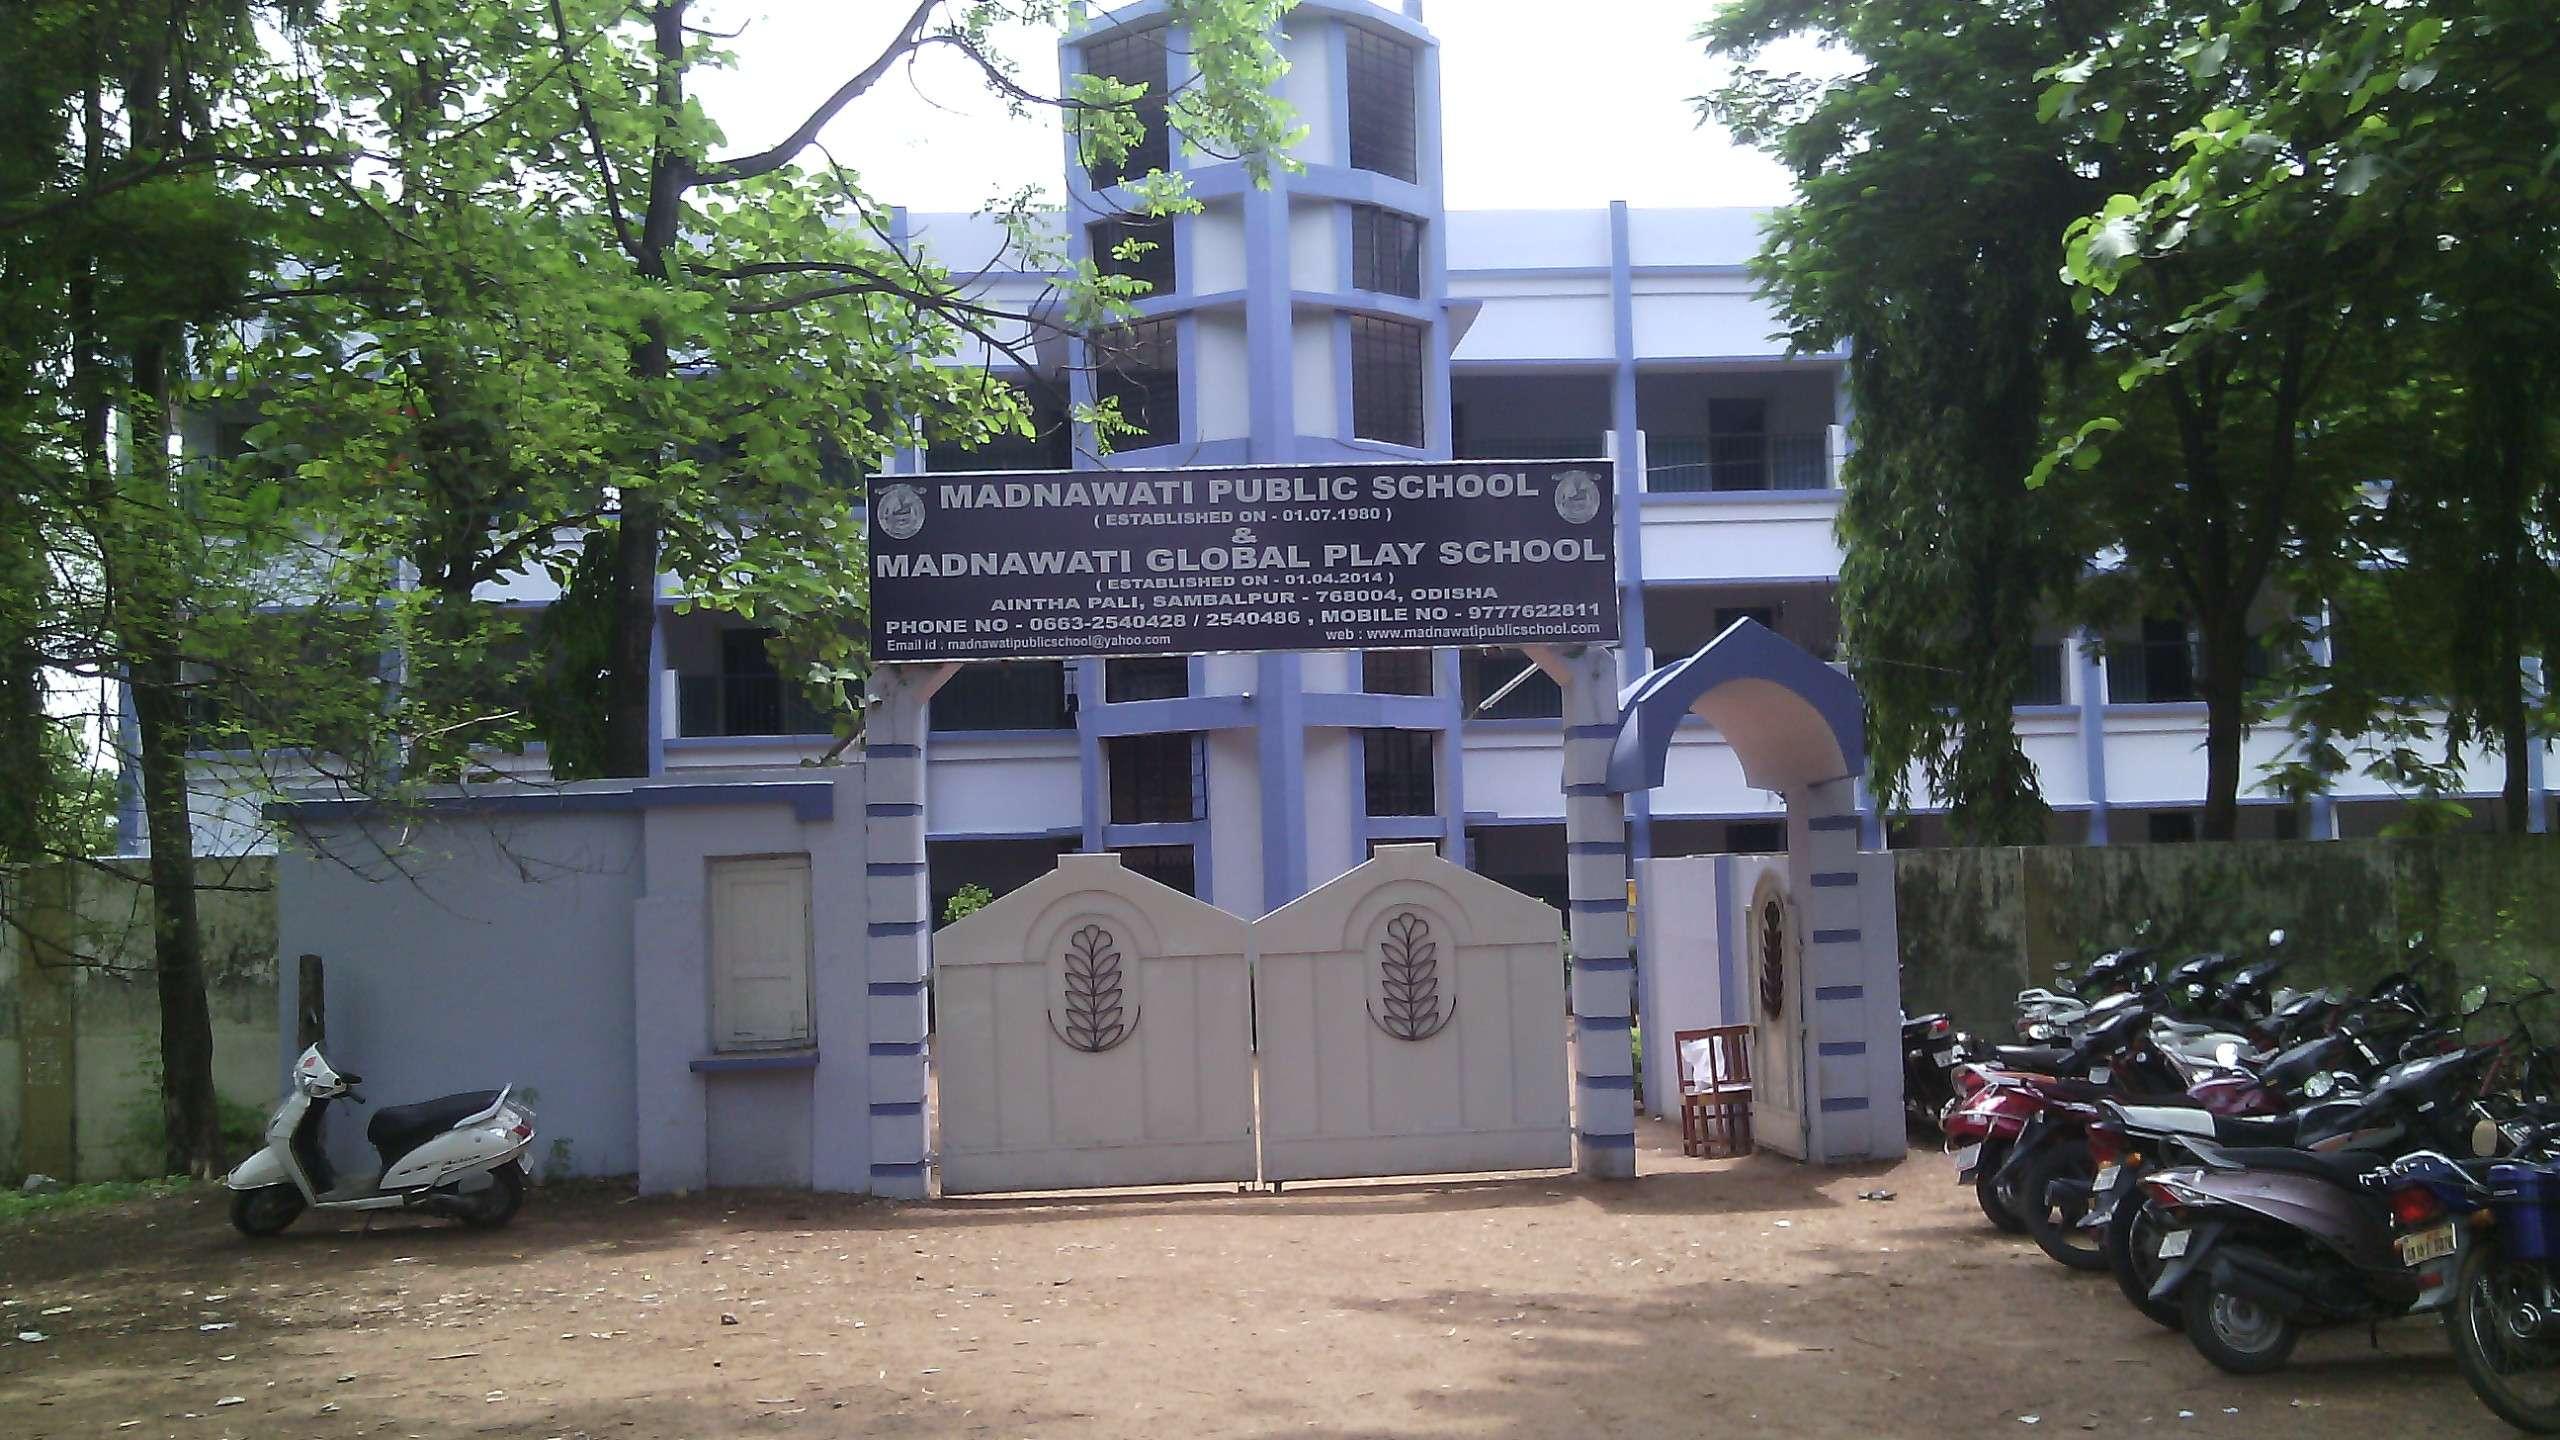 MADNAWATI PUBLIC SCHOOL AT PO AINTHAPALI SAMBALPUR DISTT ORISSA 1530004